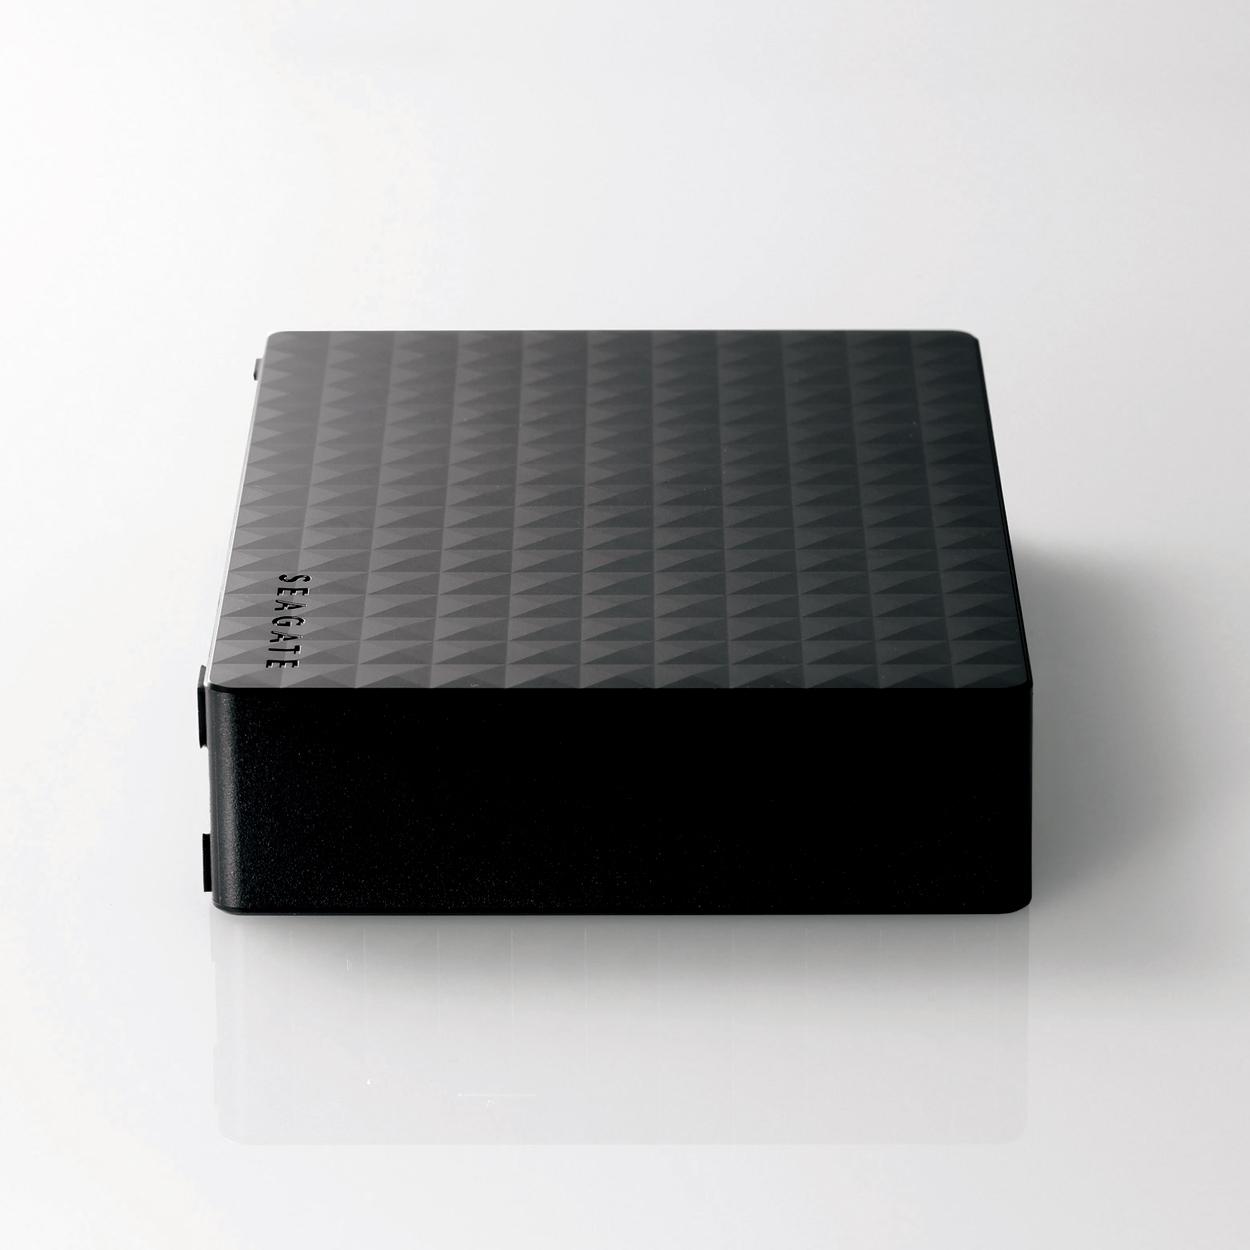 3.5インチHDD MY 3TB(ブラック)